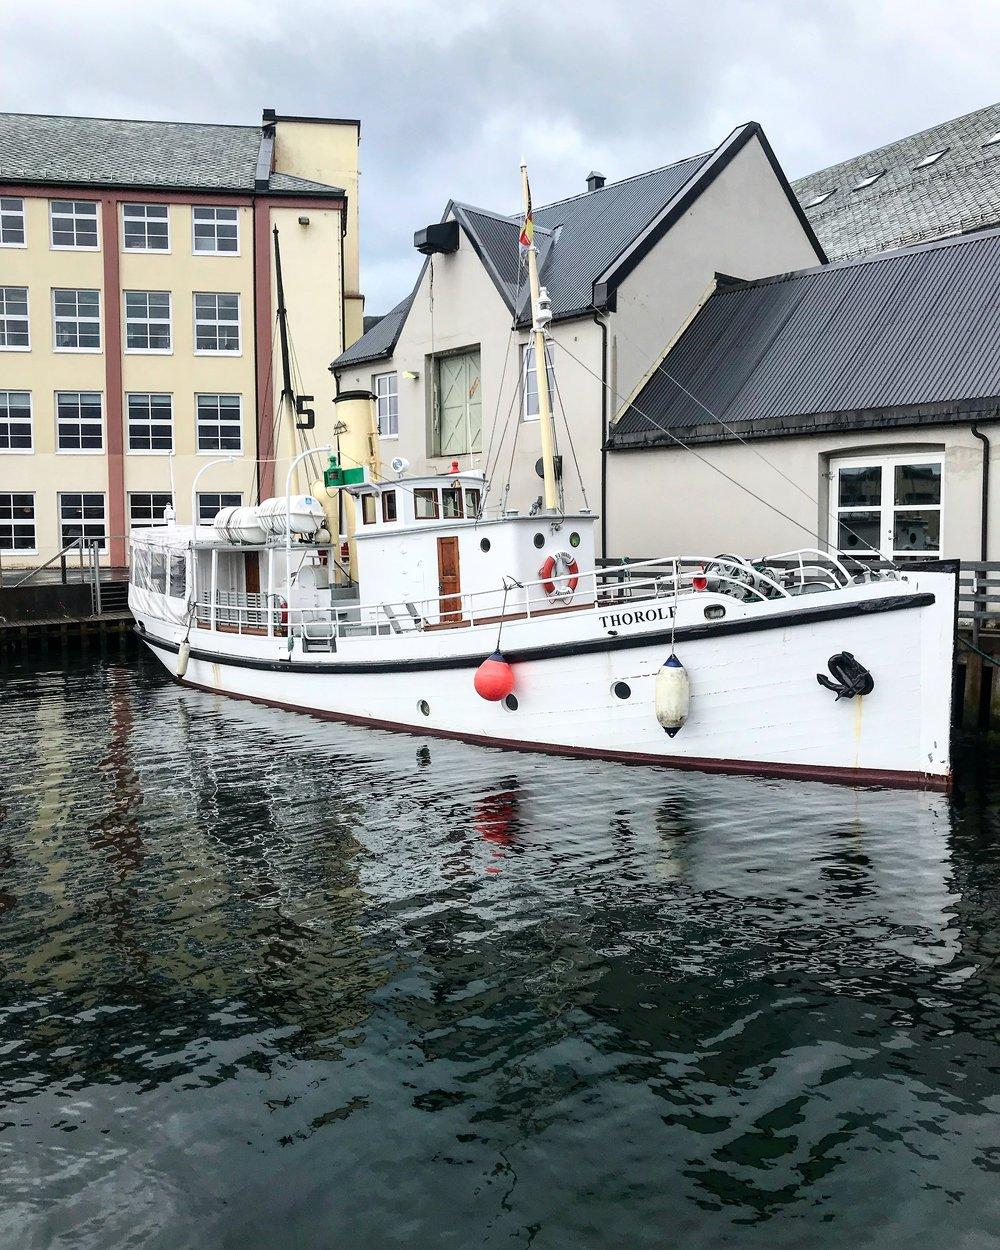 Norge er full av spennende historier som skal fortelles og selges. Foto: Odd Roar Lange